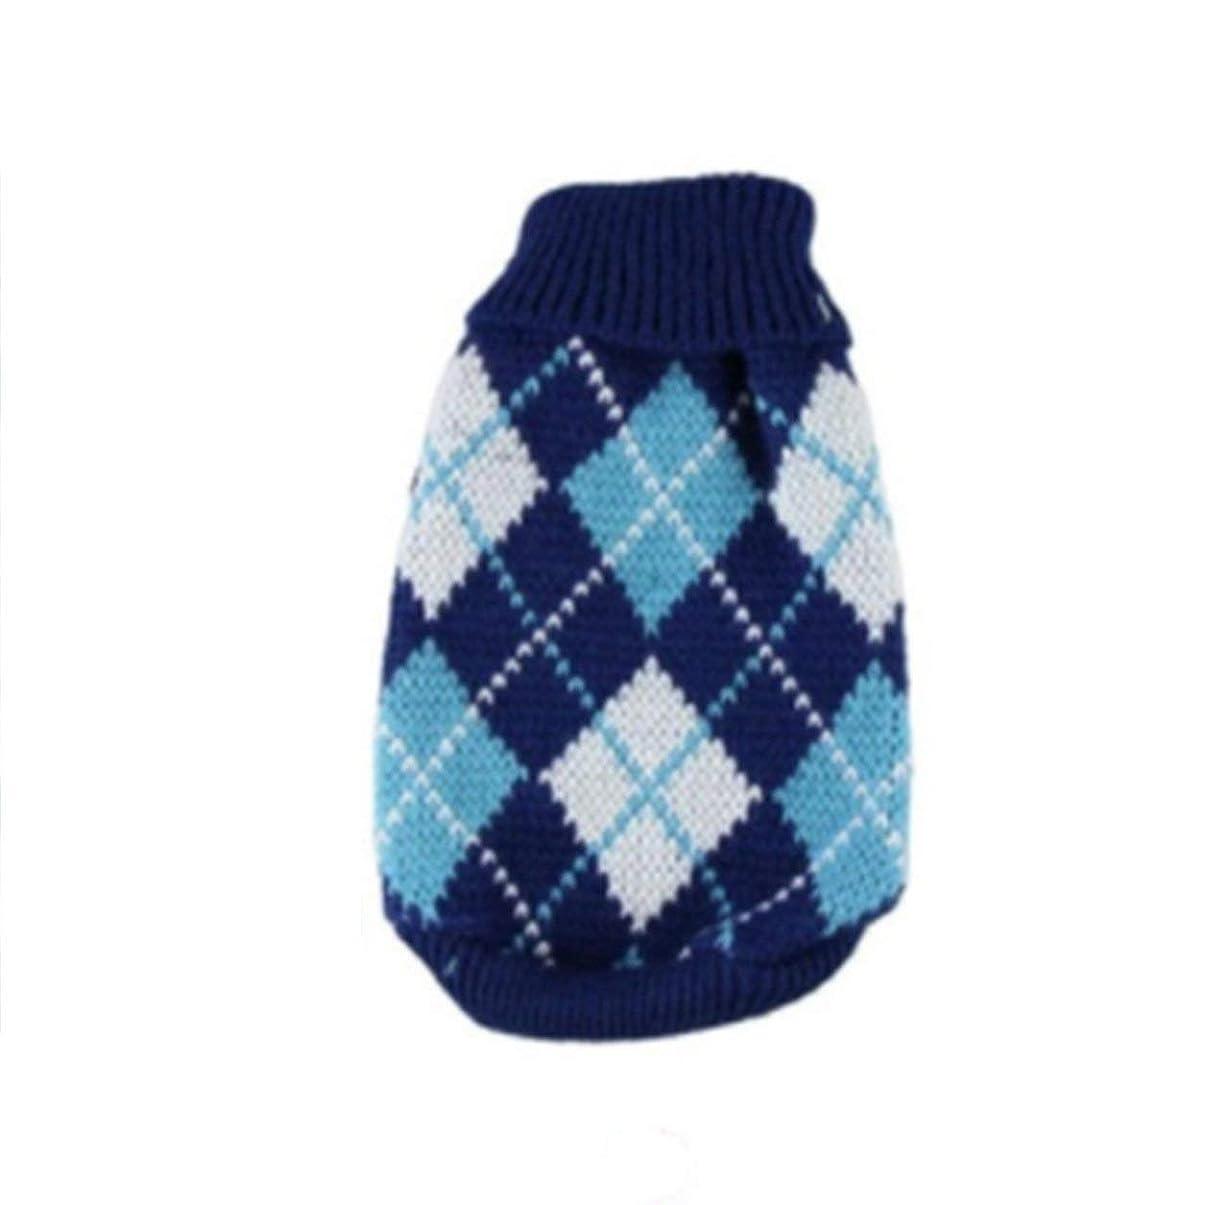 近々復活増幅するSaikogoods 軽量ペットの暖かいセーターユニバーサル犬服ファッションソフト犬服ハイカラー快適なペットのコート 青 XS